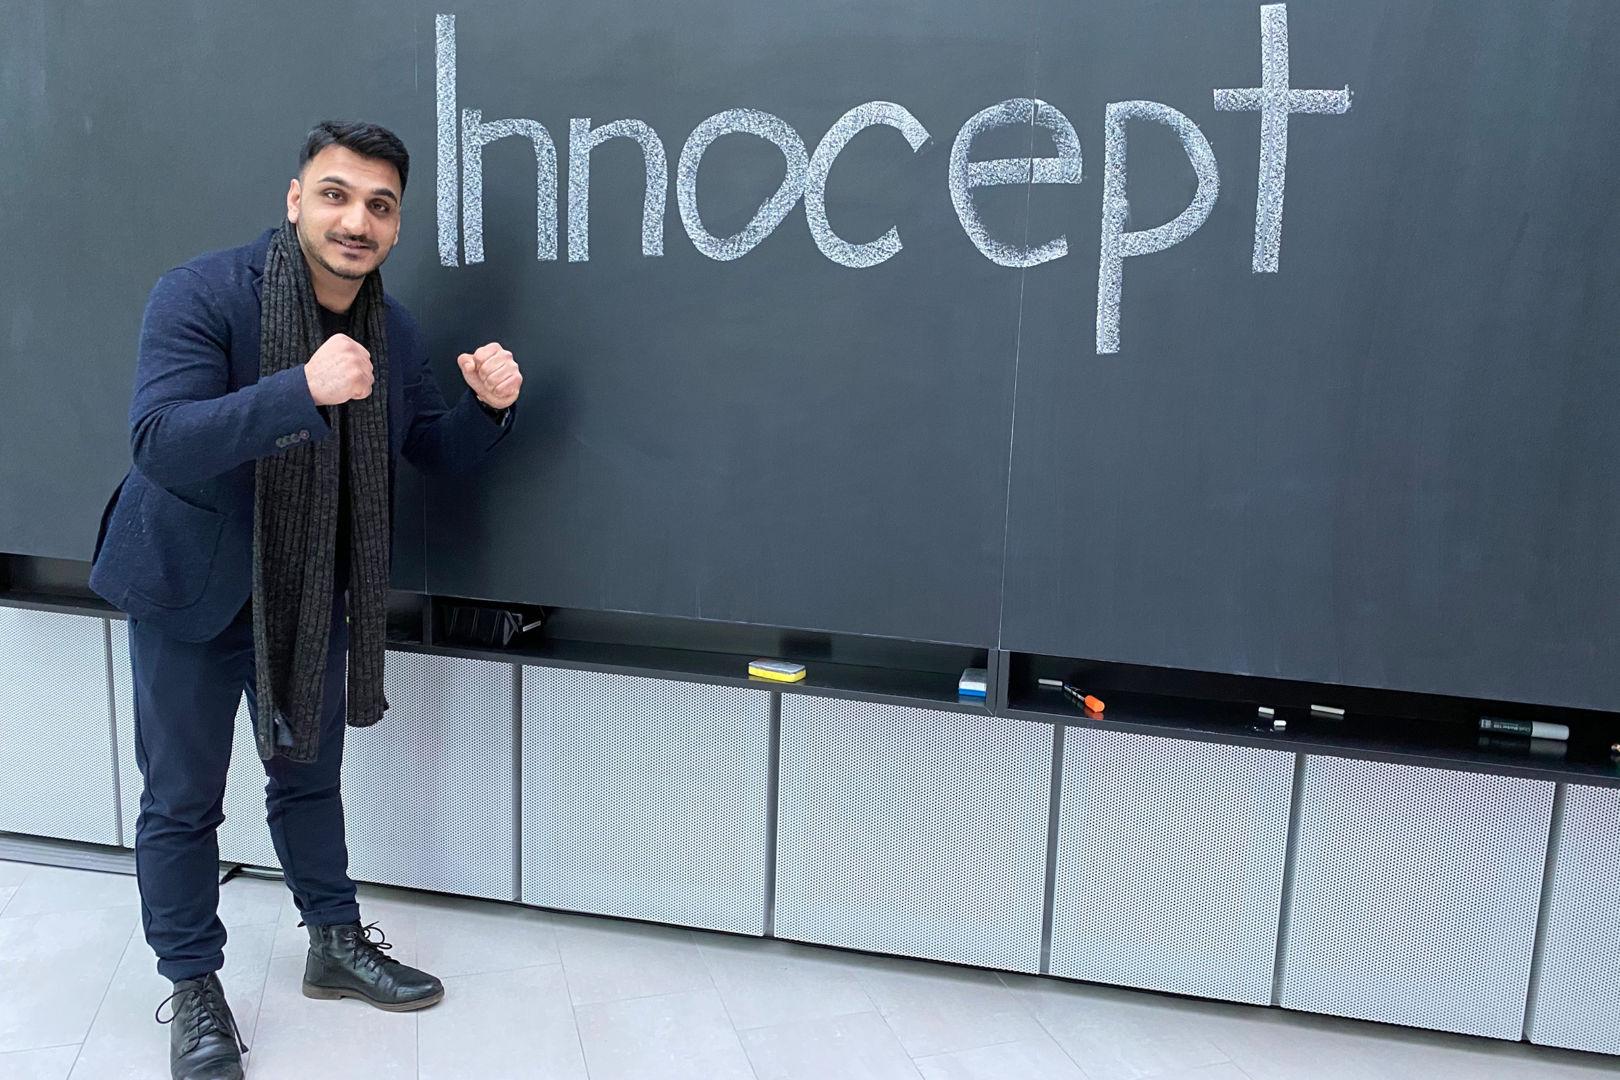 Mann steht vor Tafel mit Aufschrift innocent